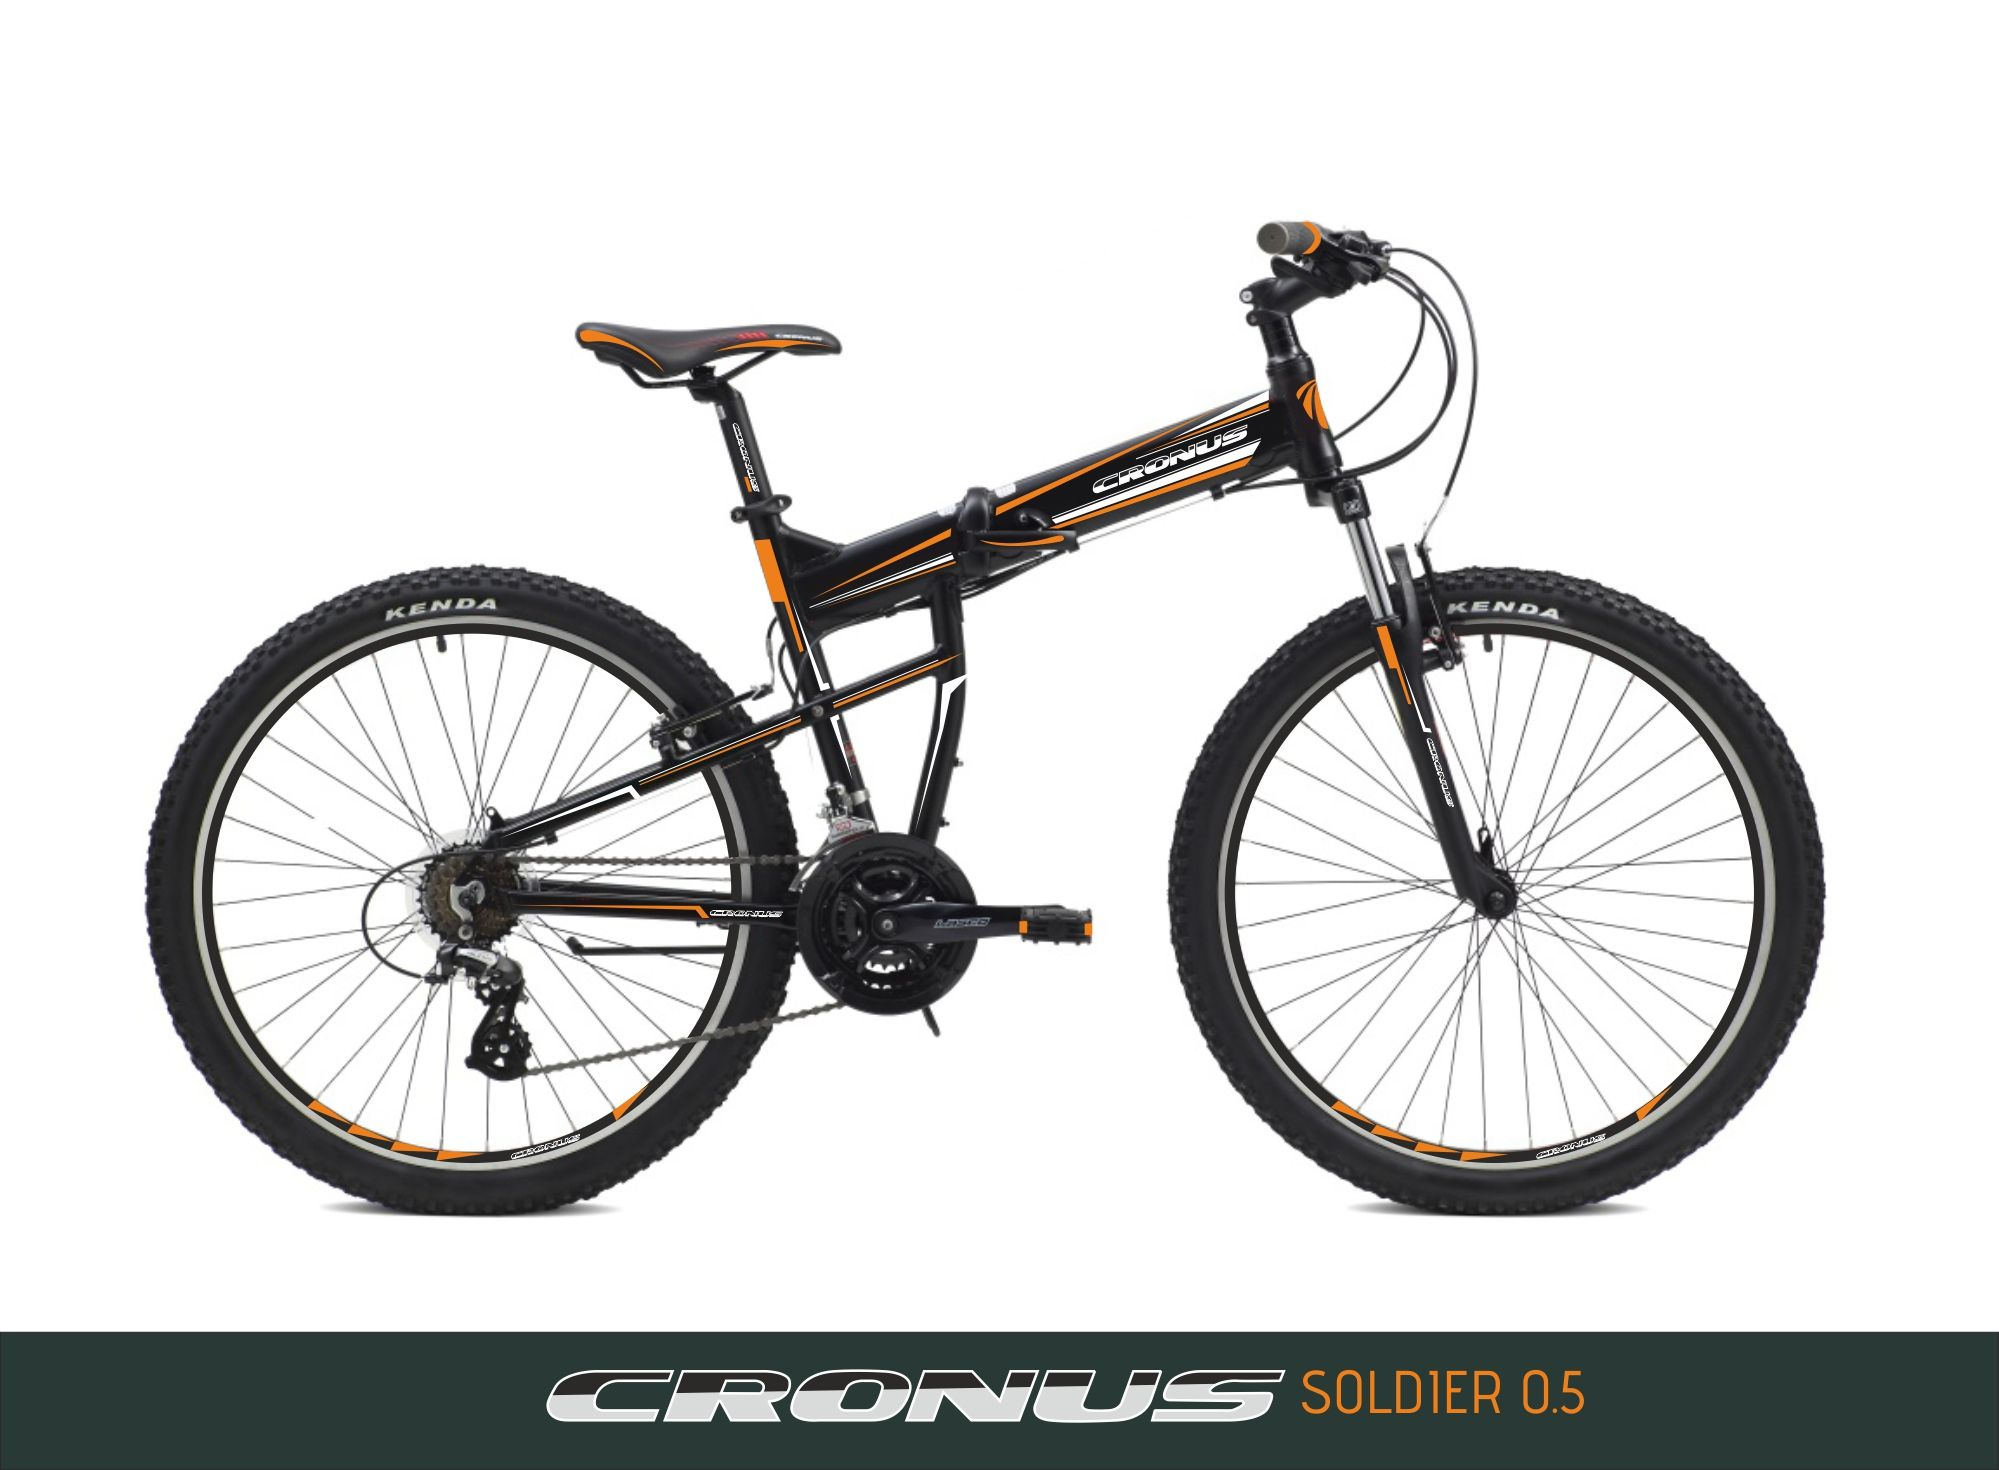 Дизайн для коллекции велосипедов Cronus - дизайнер luishamilton